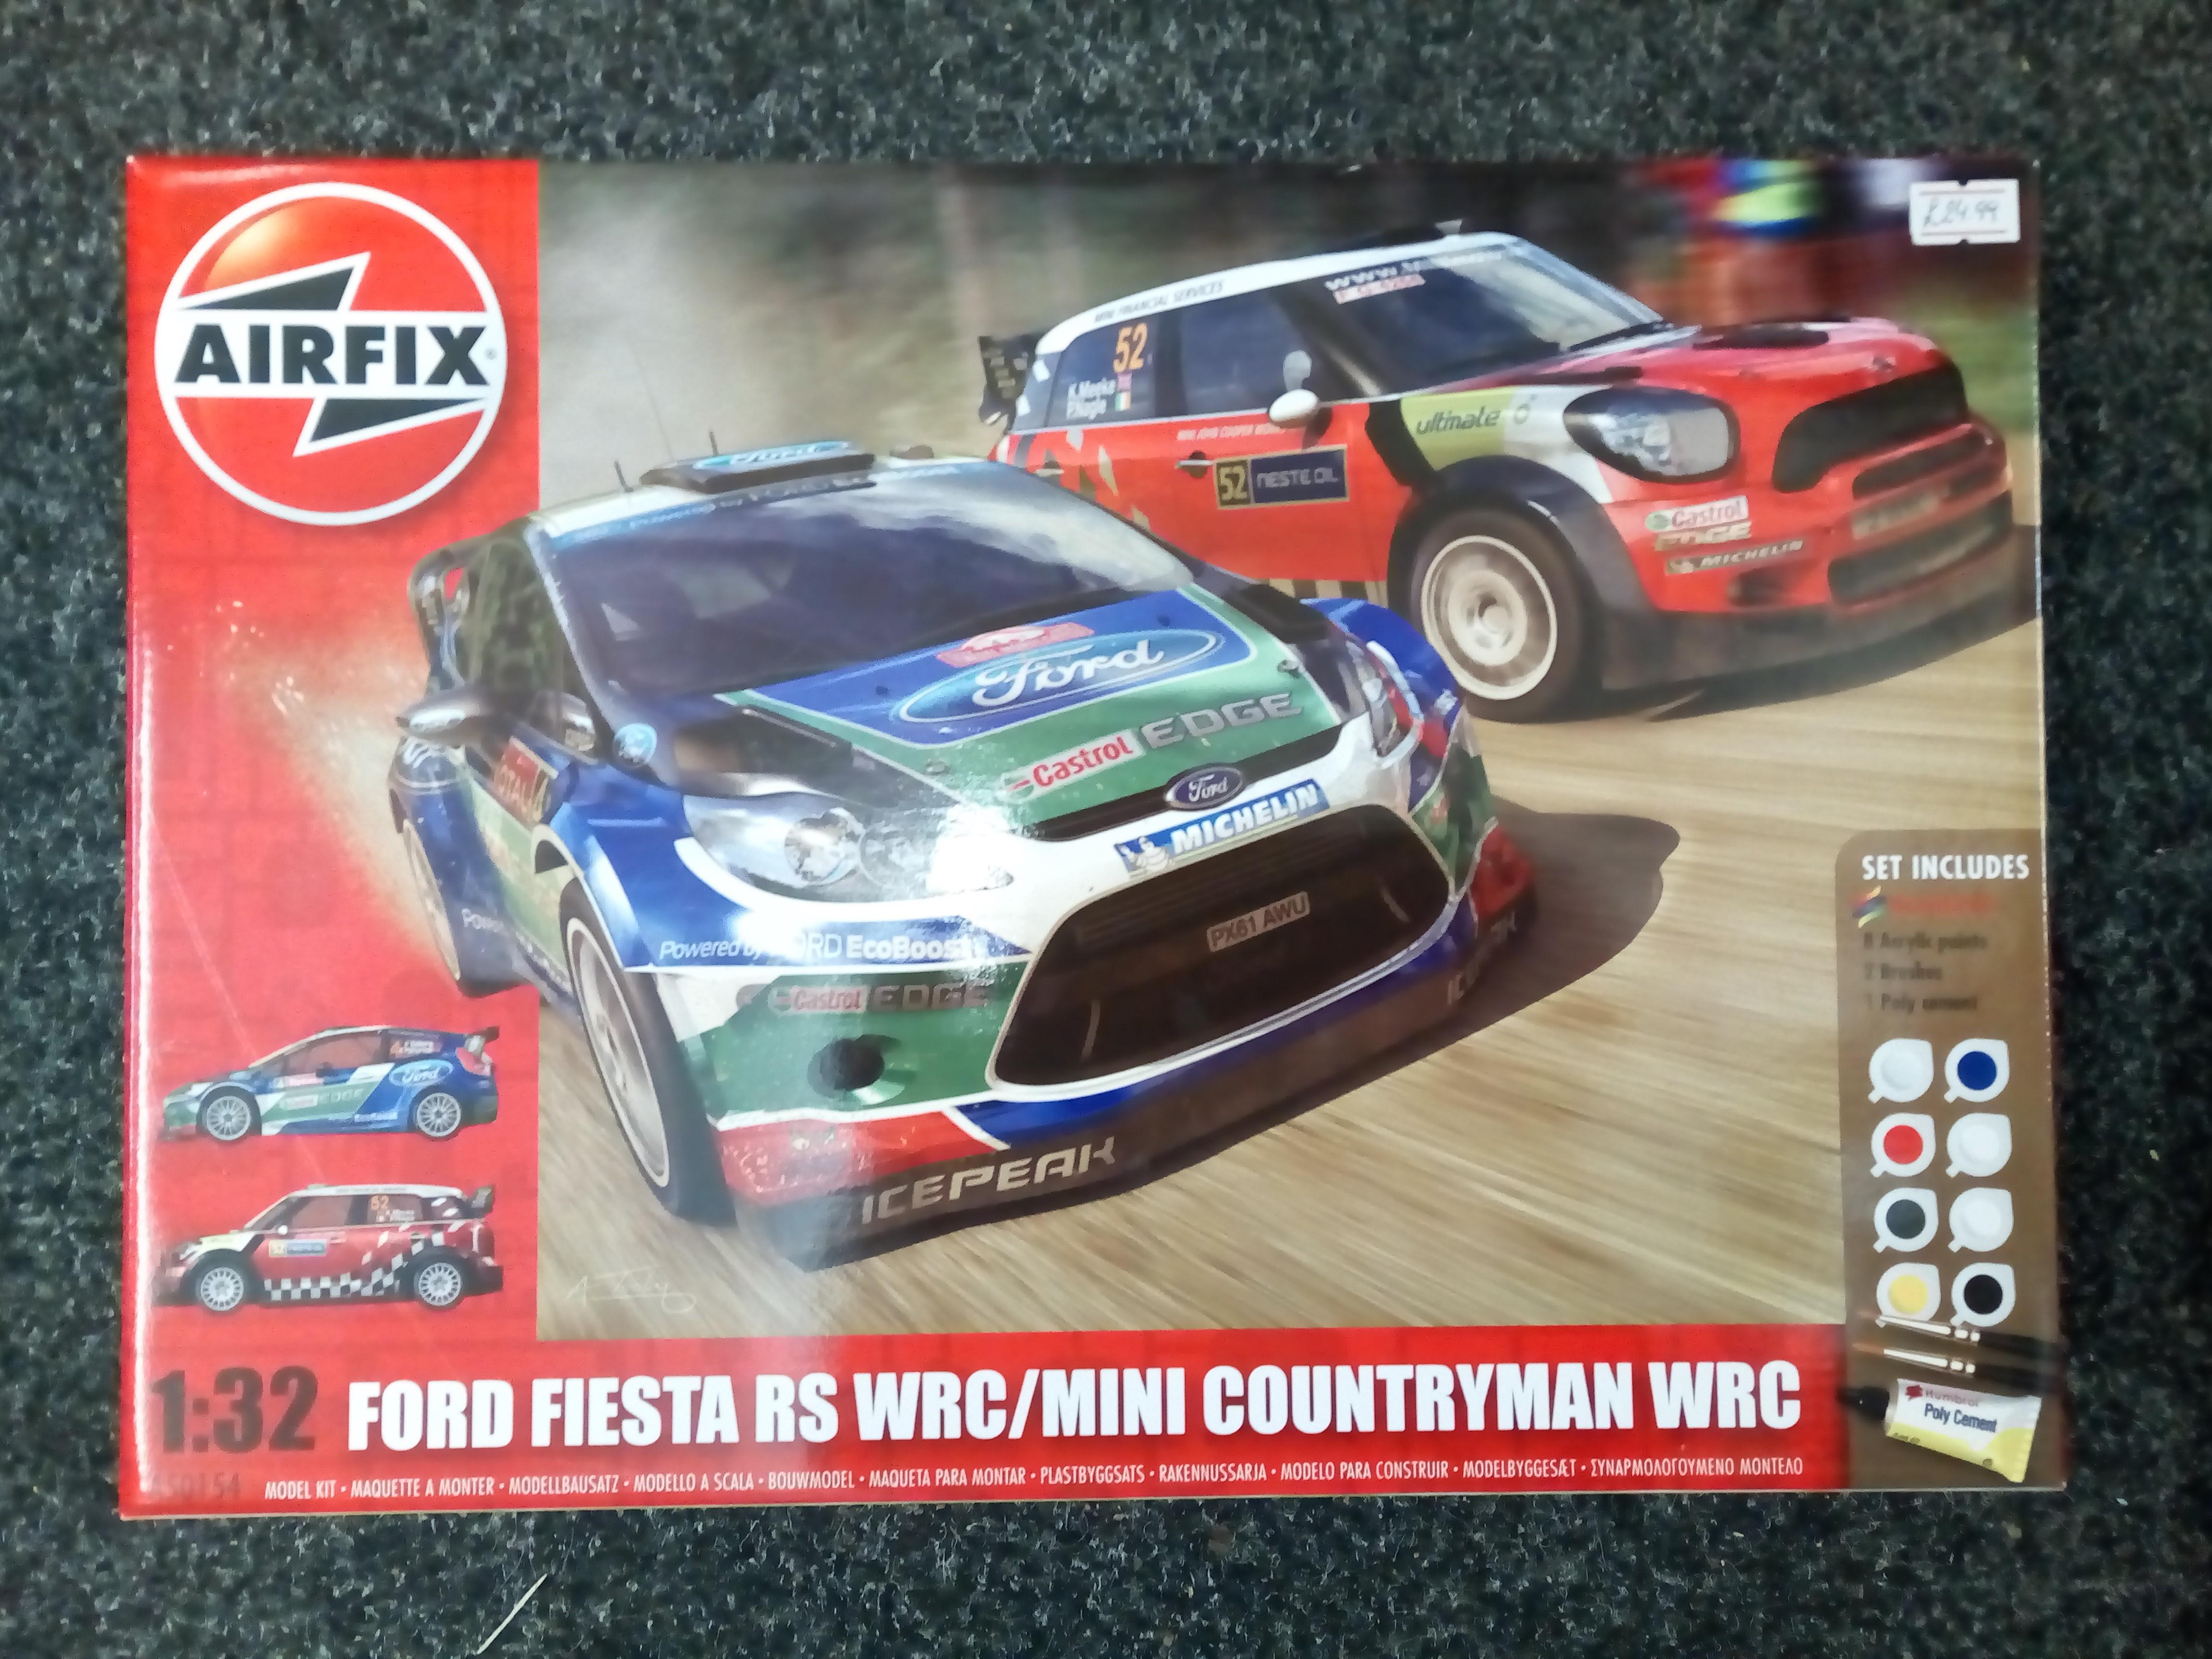 Ford Fiesta RS WRC - Mini Countryman WRC